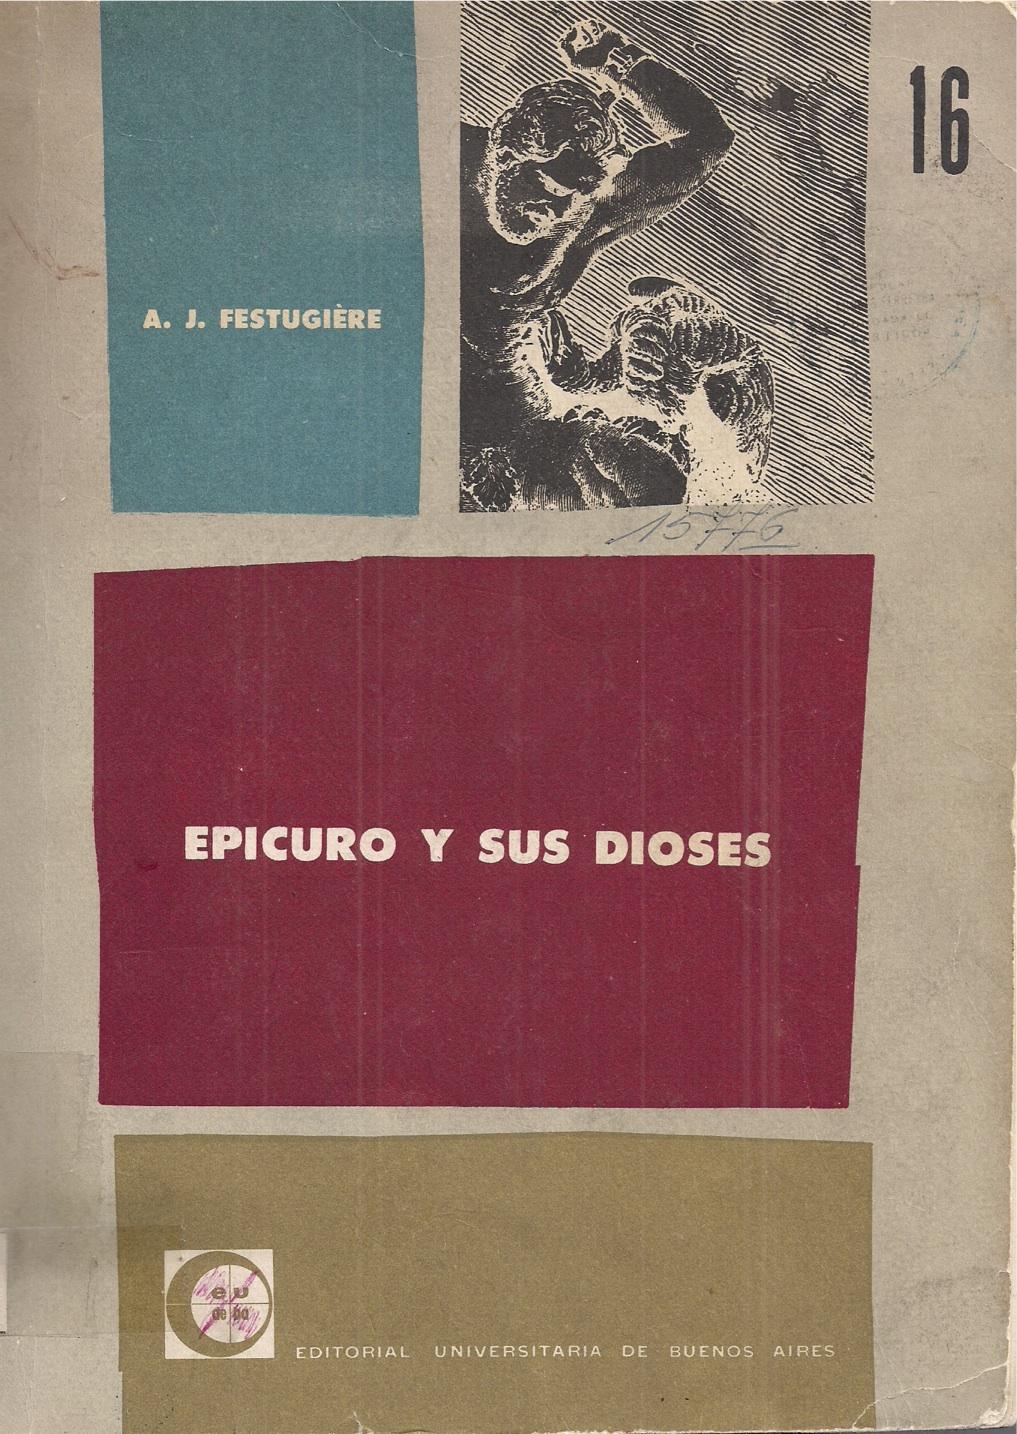 Epicuro y sus dioses